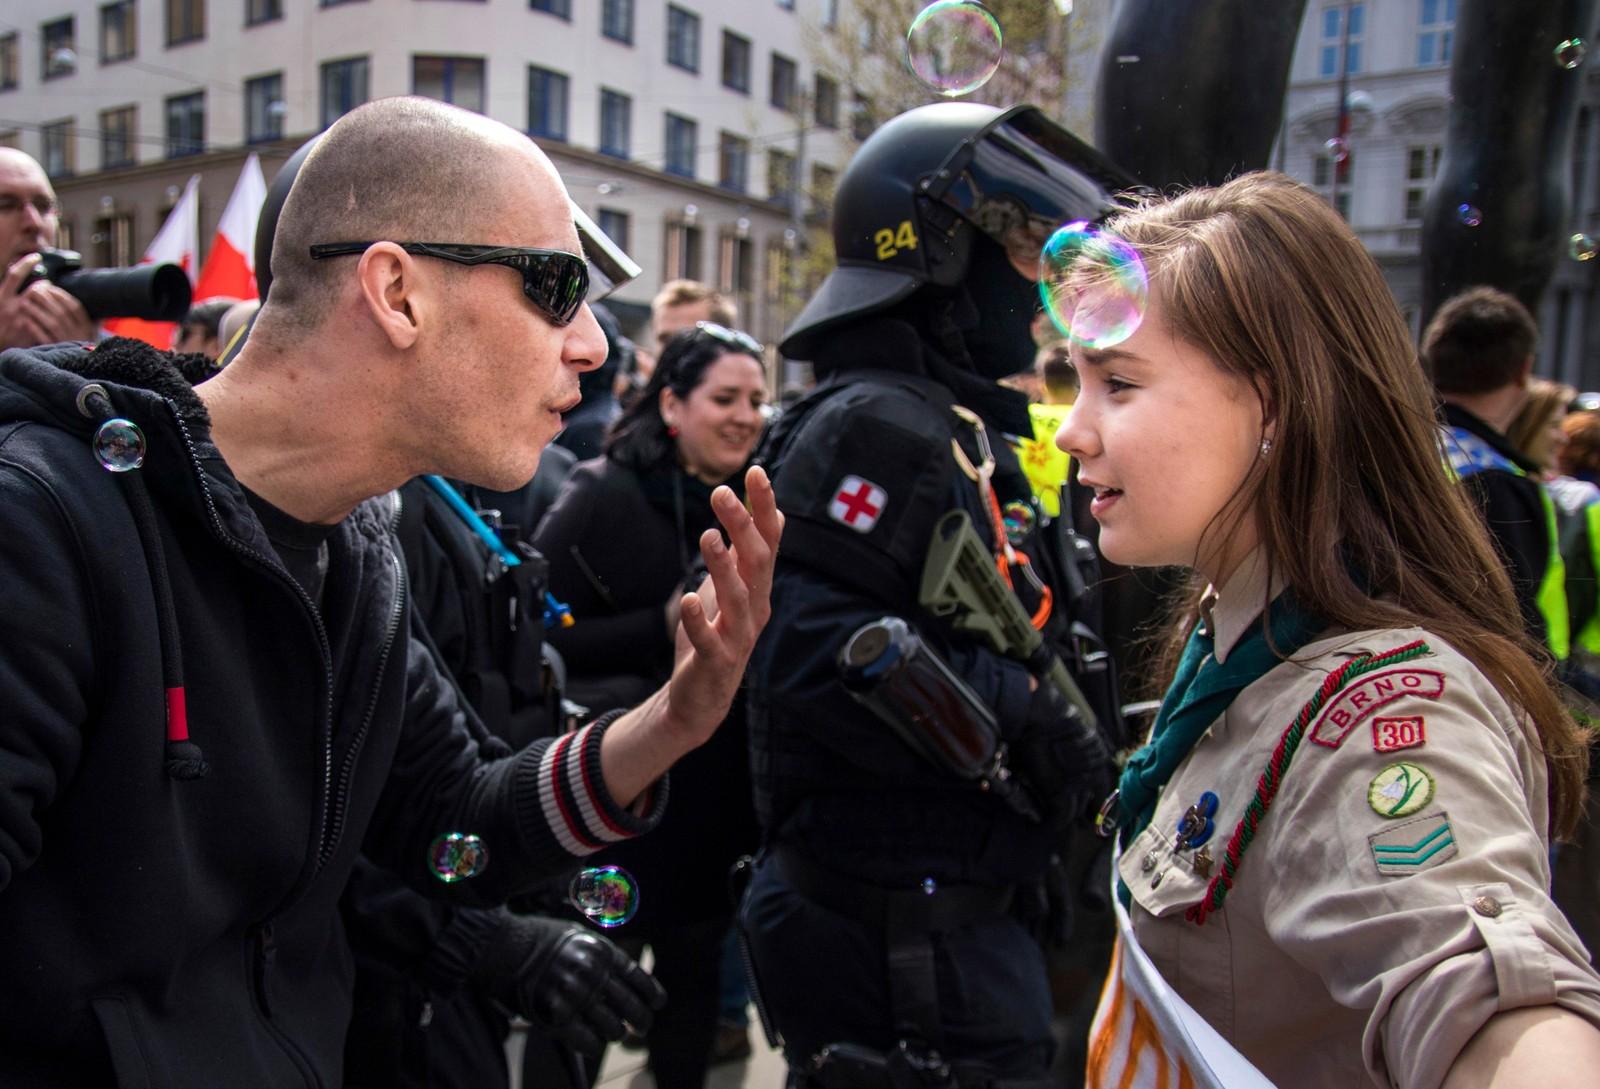 Den uredde 16-åringen Lucie Myslikova har hisset på seg en nynazist under en demonstrasjon i Brno i Tsjekkia.